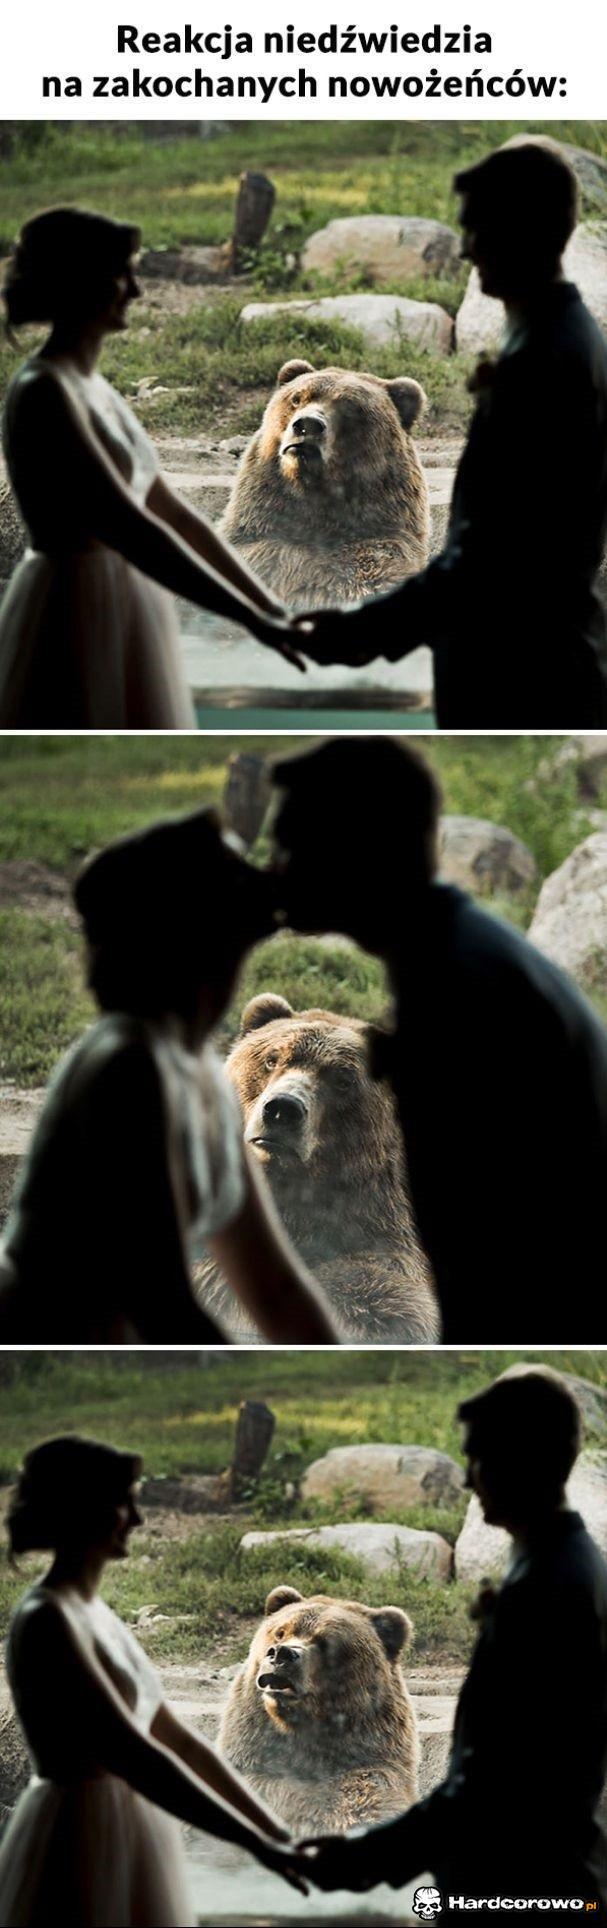 Reakcja niedźwiedzia - 1